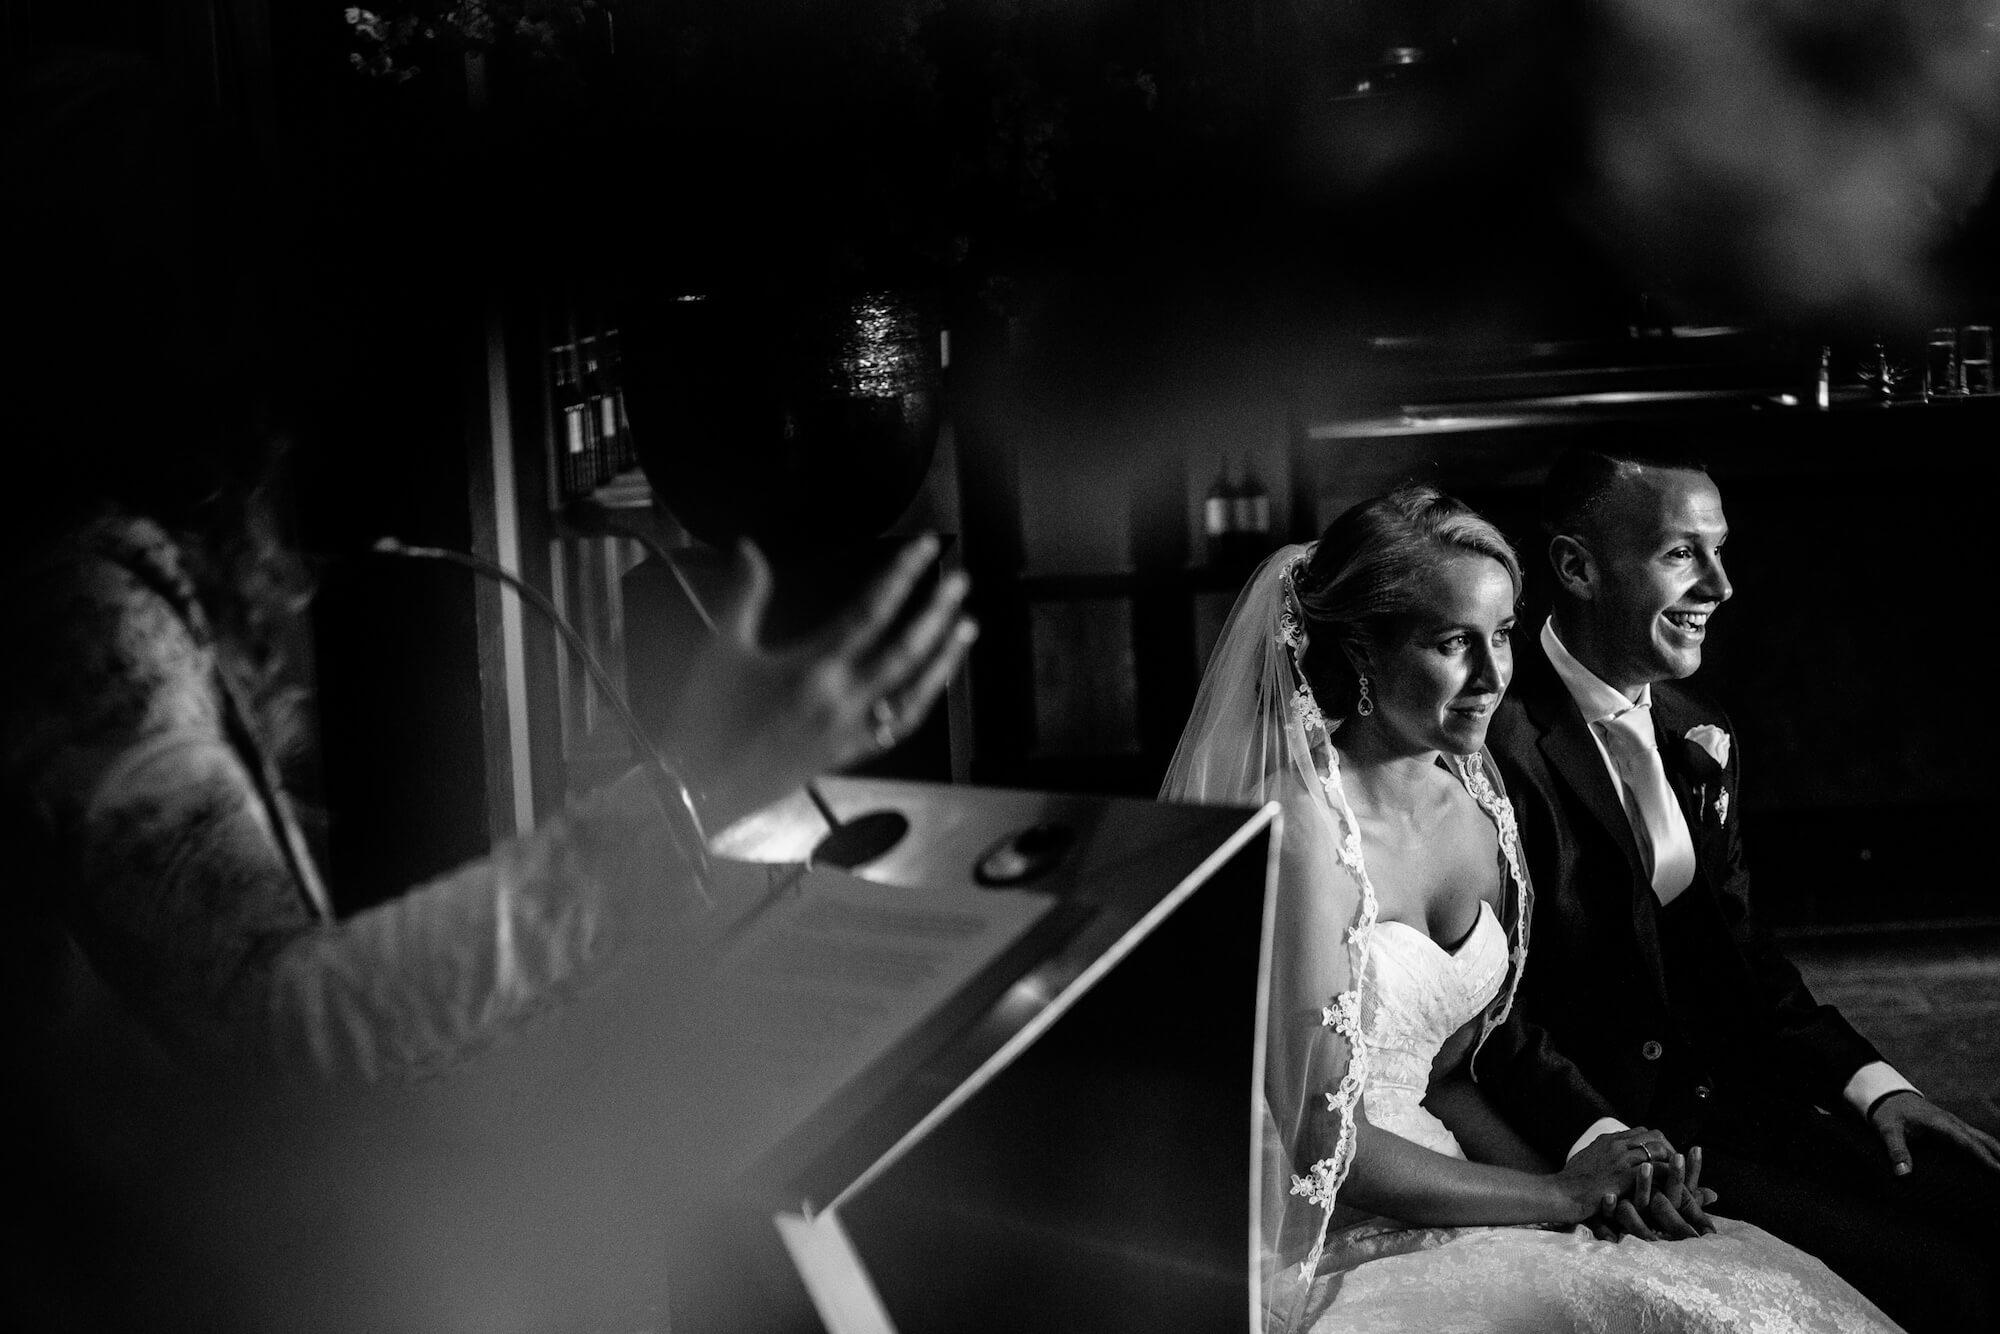 griekse-bruiloft-trouwfotograaf-utrecht-12.jpg